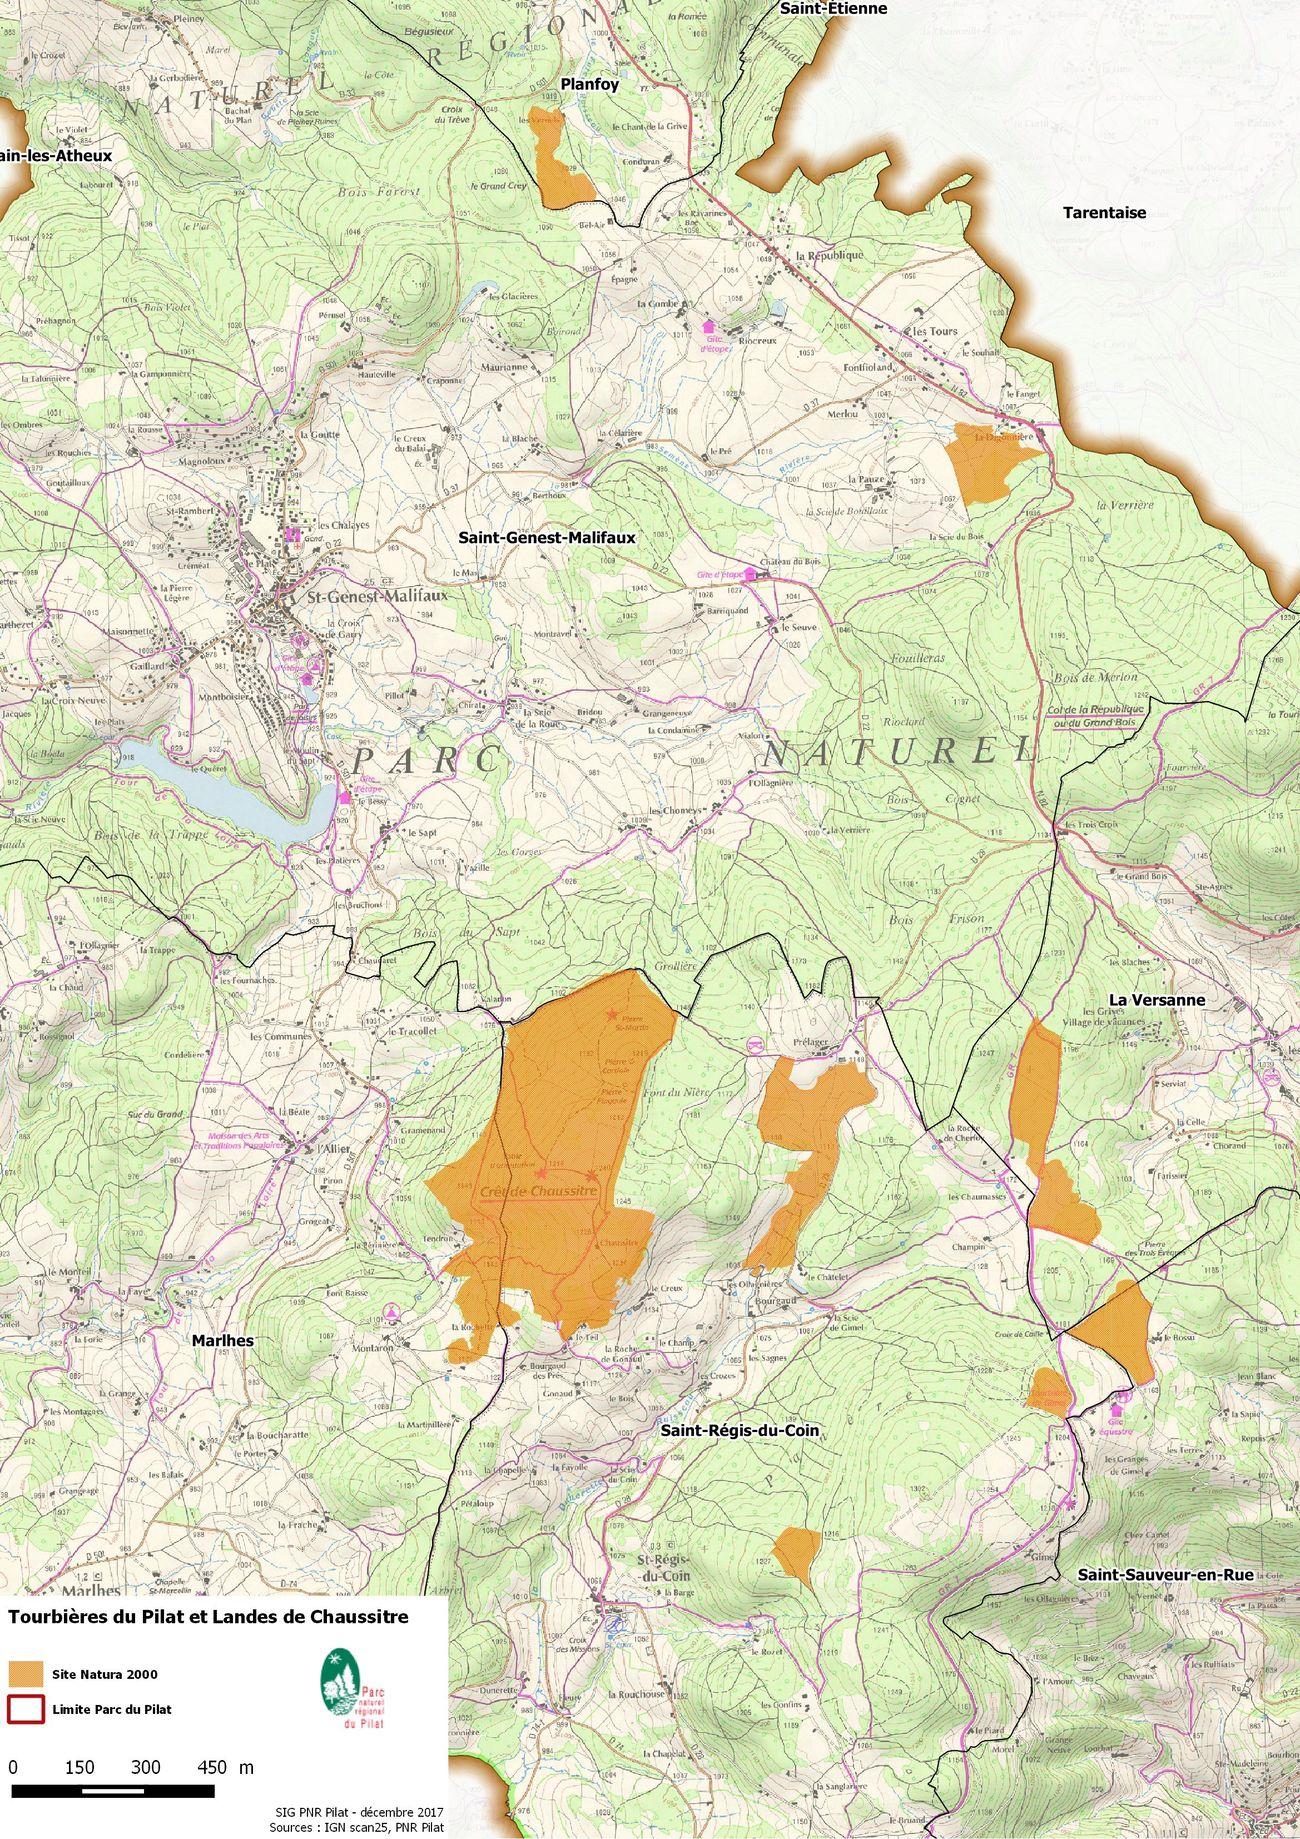 Carte Des Sentiers Du Pilat : carte, sentiers, pilat, Carte, Tourbières